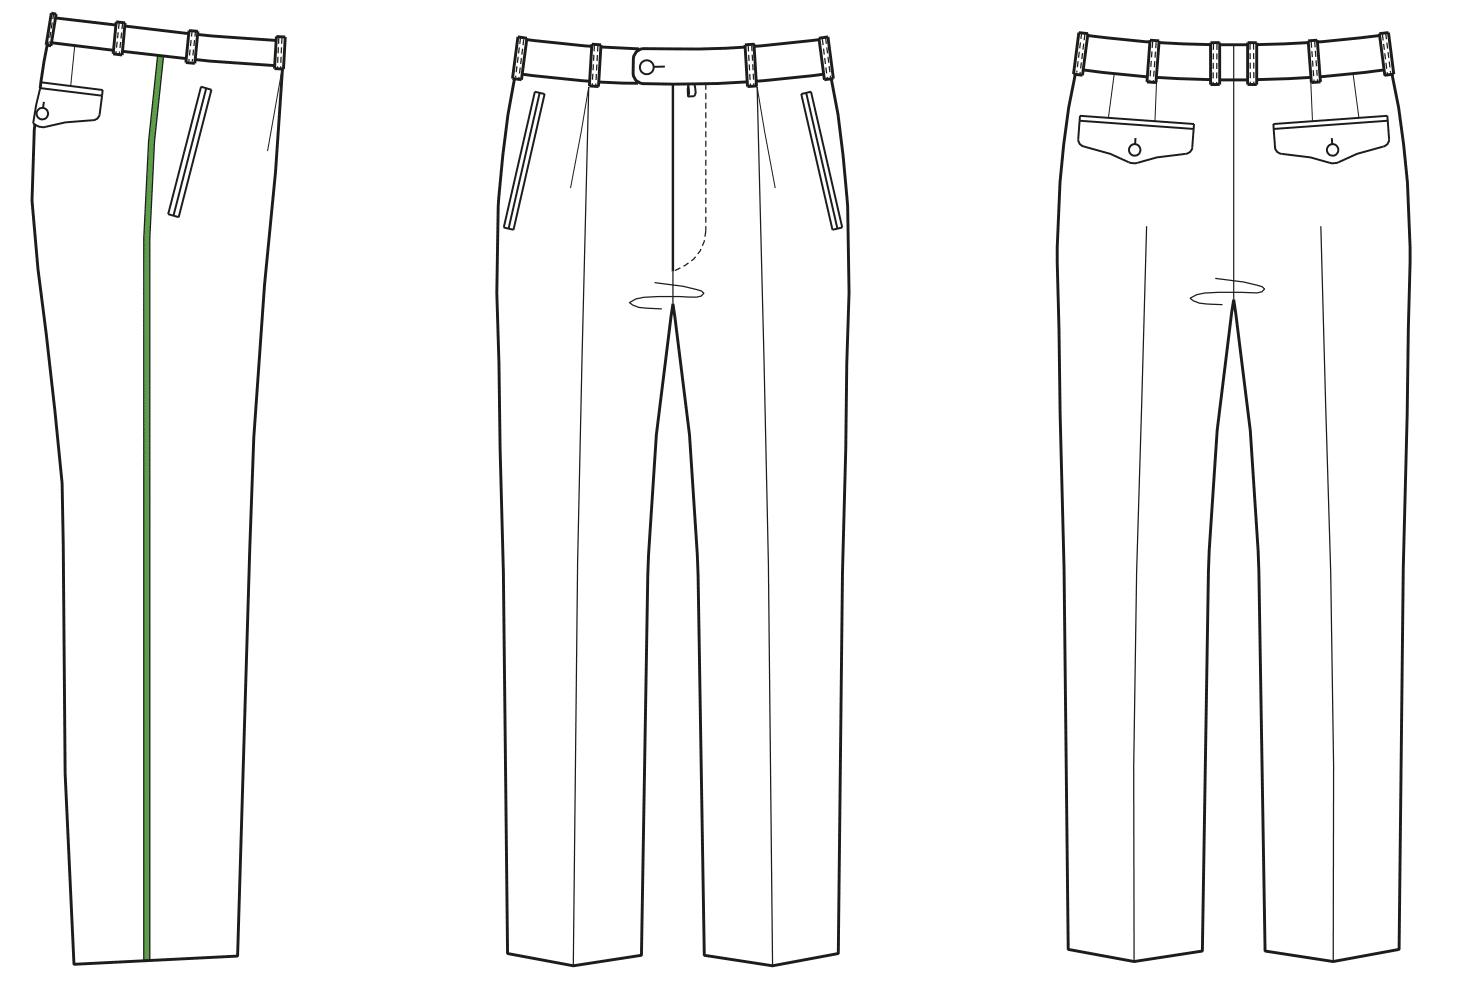 Gezeigt wird die Vorder- und Rückansicht der technischen Zeichnung einer Bundfaltenhose.